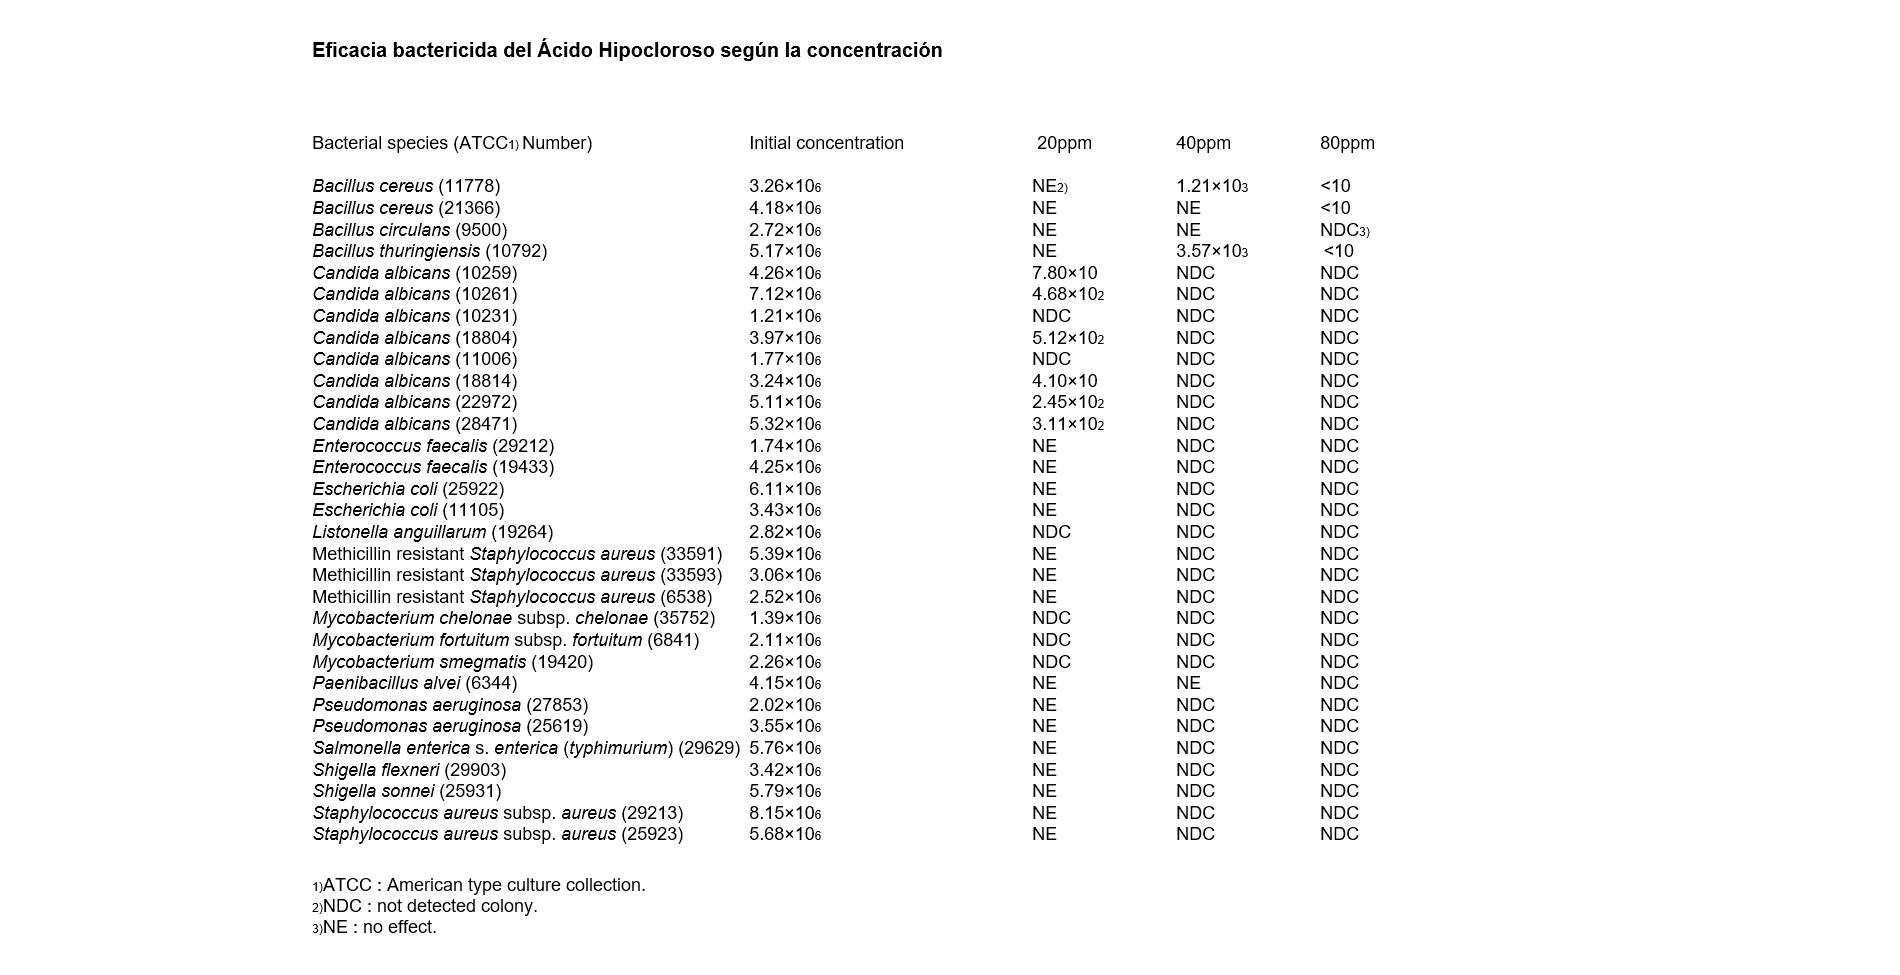 Eficacia bactericida del Ácido Hipocloroso según la concentración